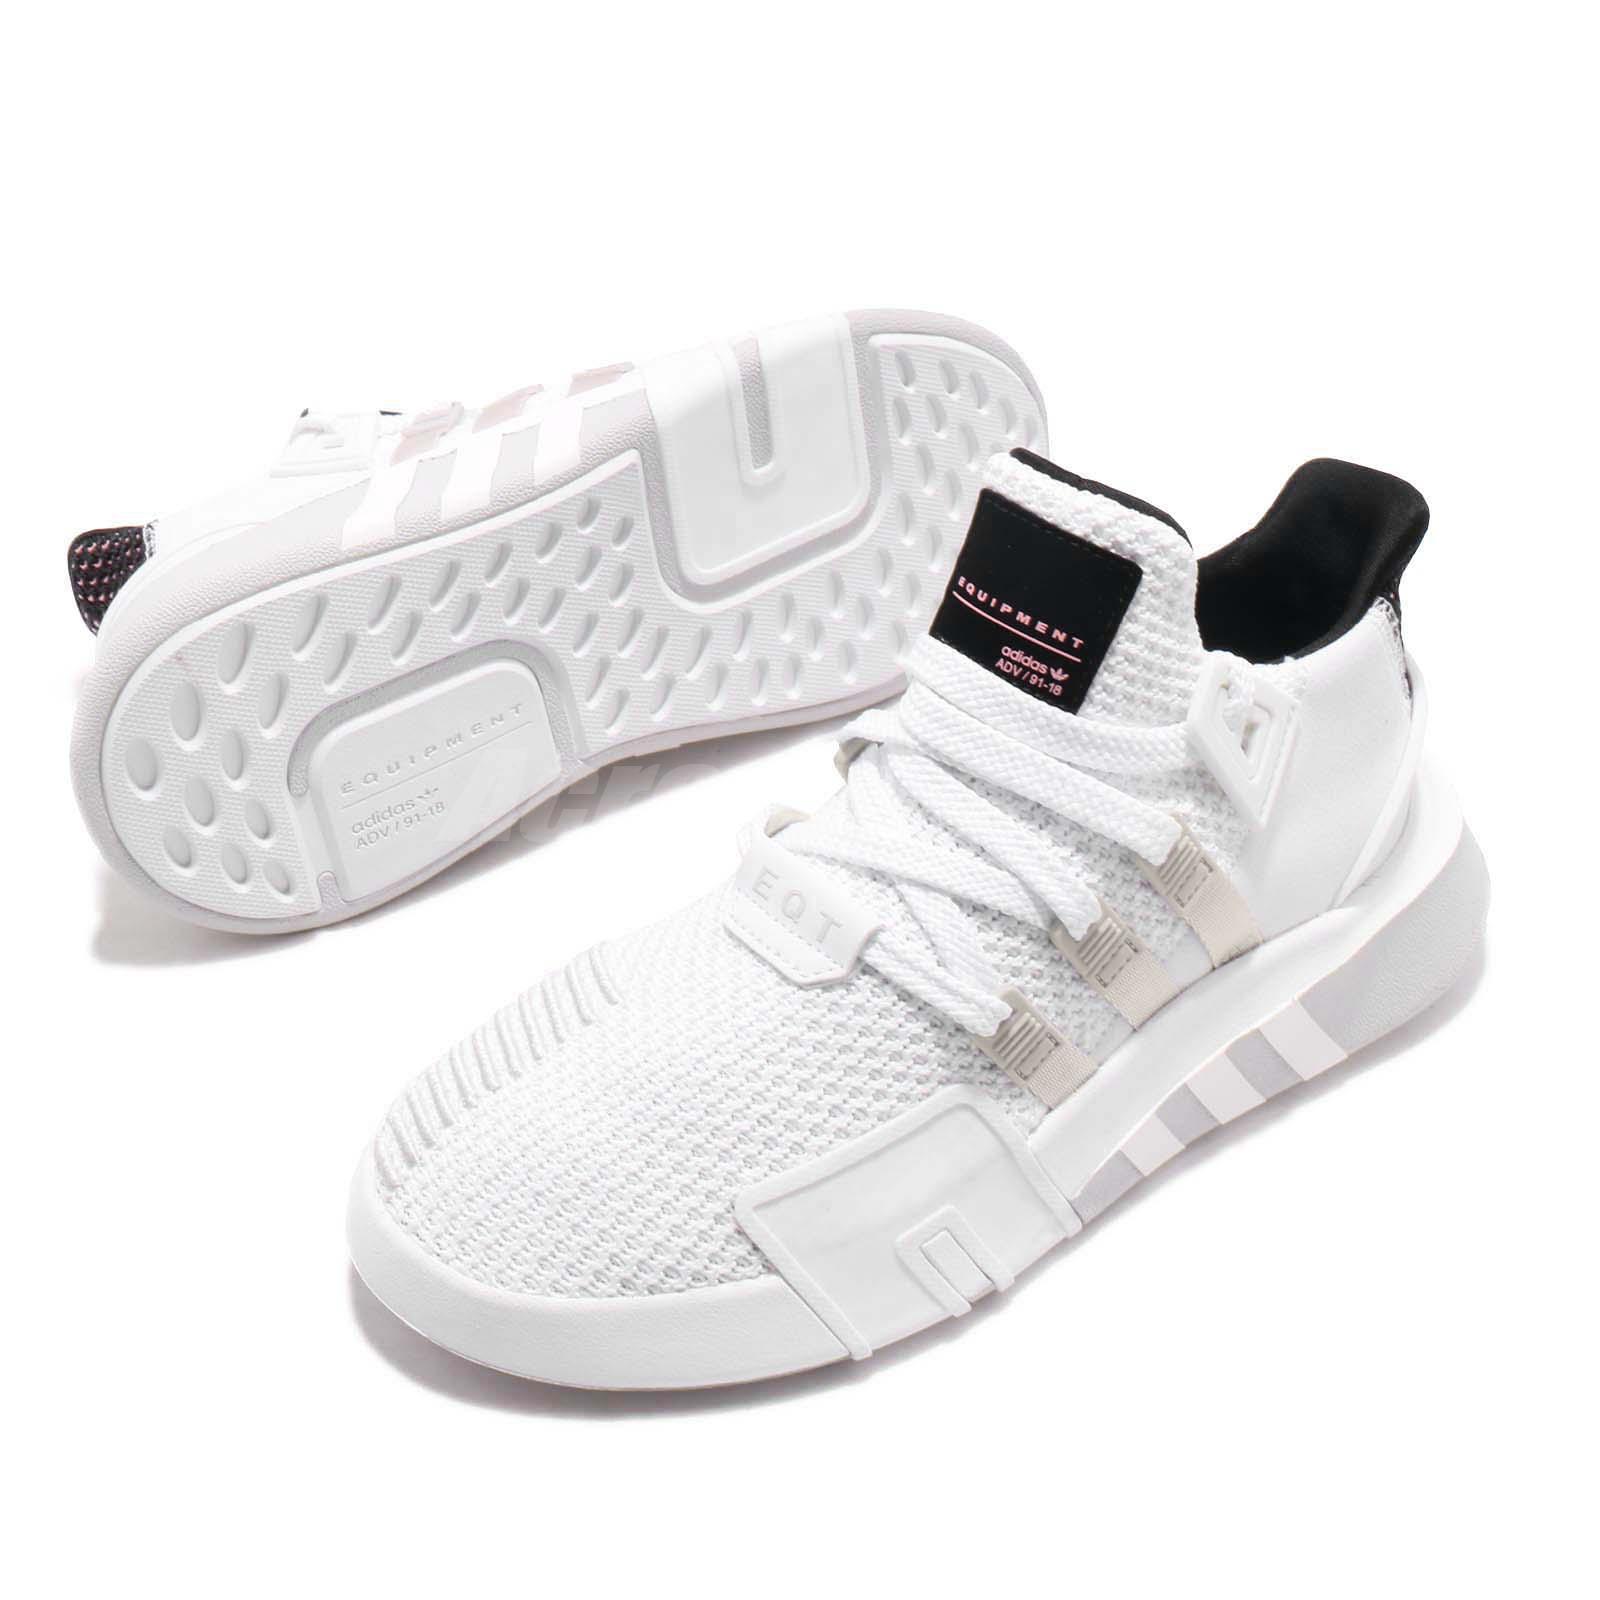 adidas equipment bask adv w